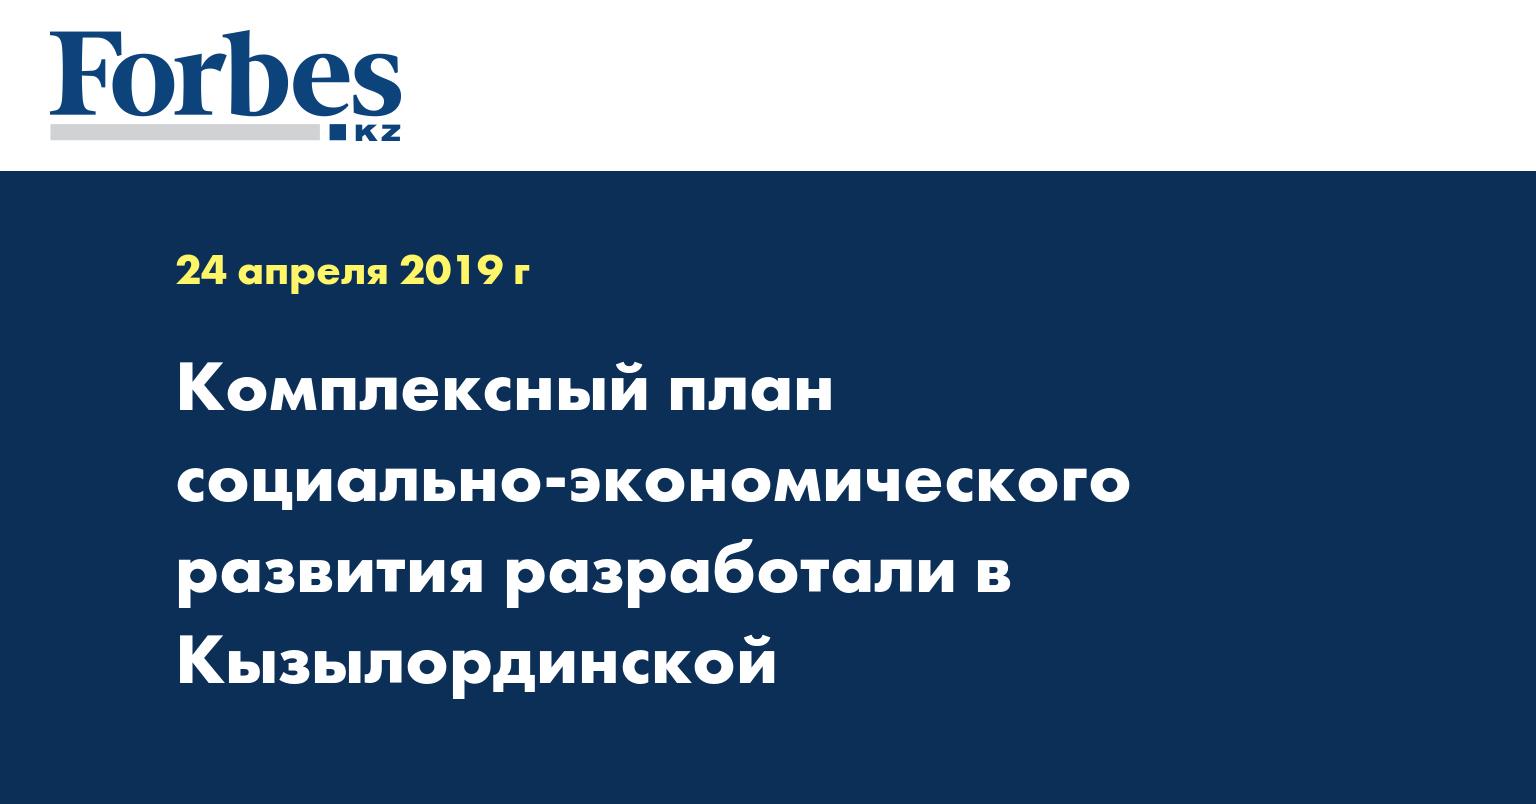 Комплексный план социально-экономического развития разработали в Кызылординской